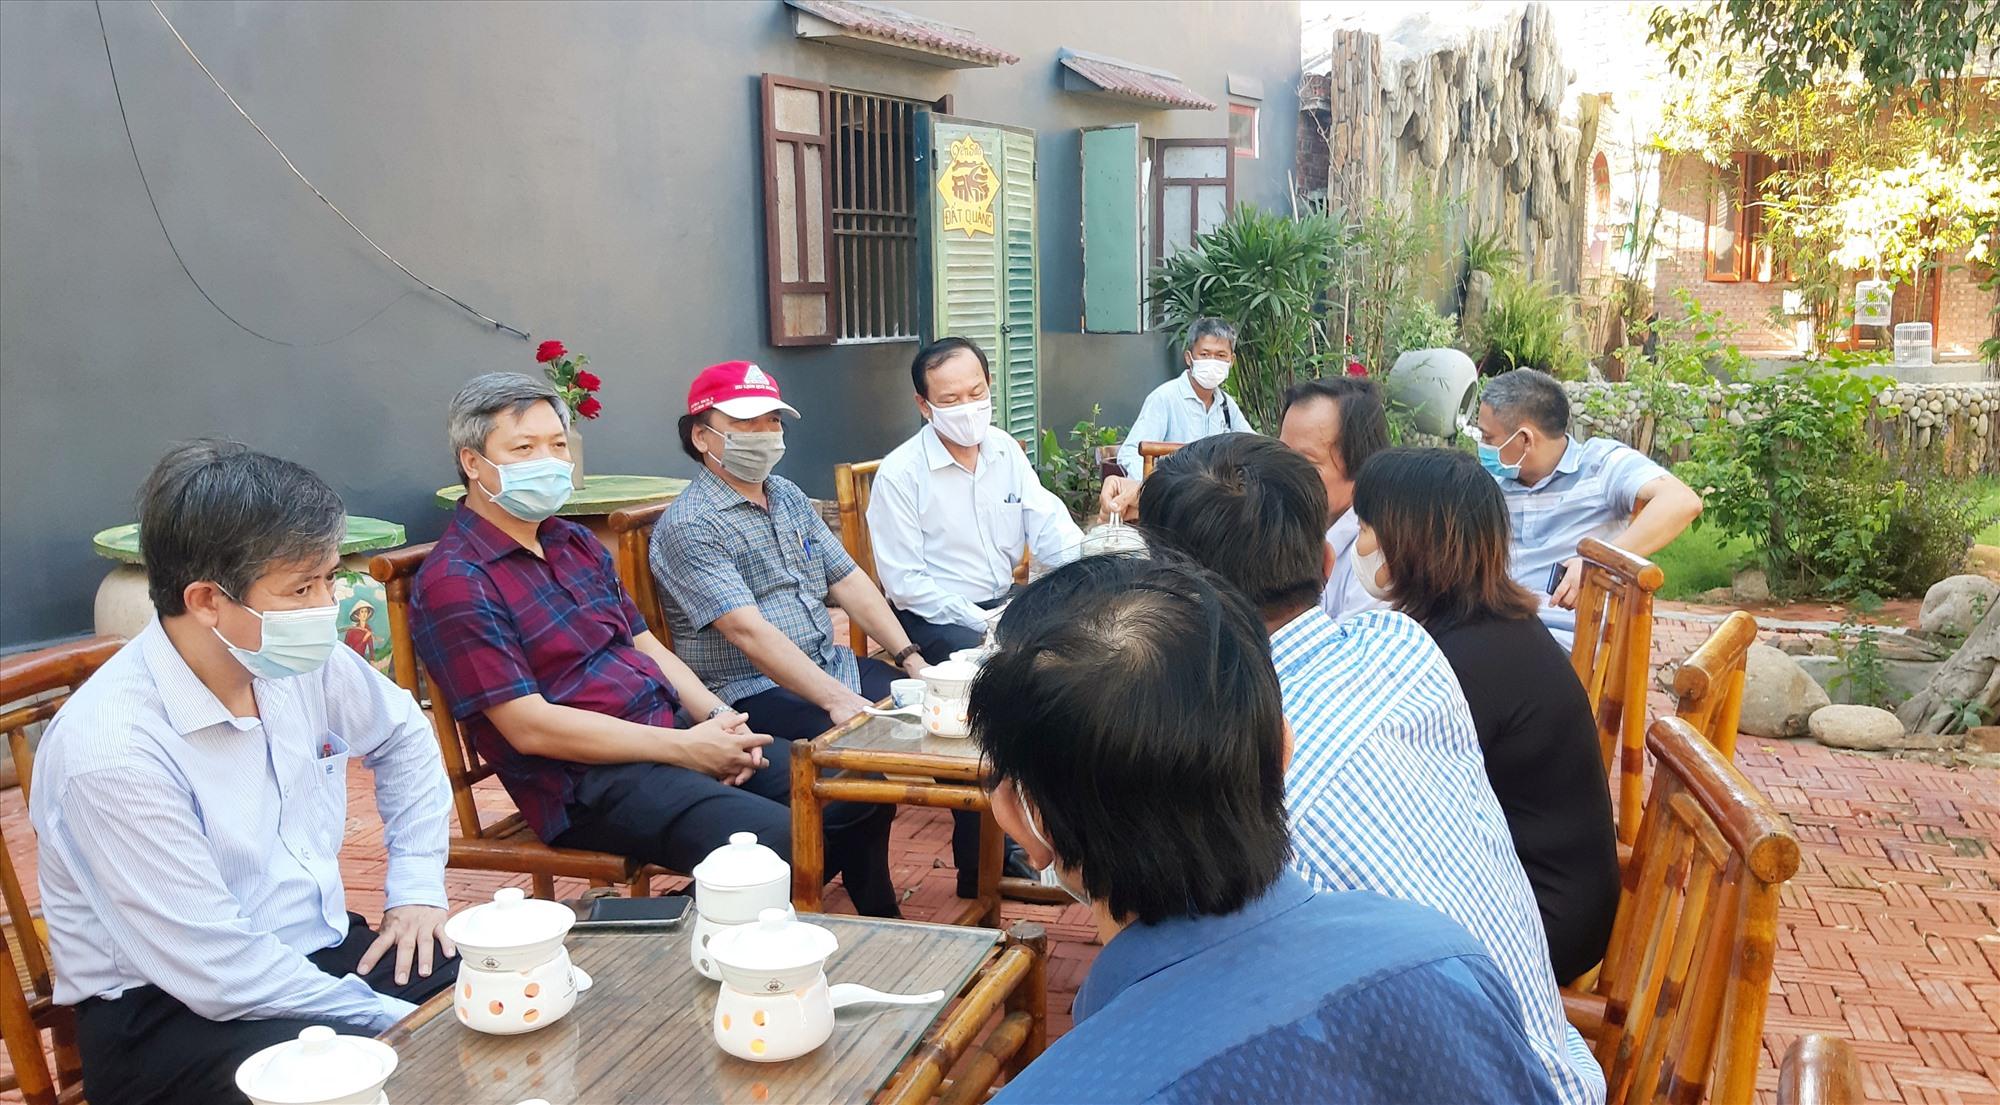 Phó Chủ tịch UBND tỉnh Hồ Quang Bửu và lãnh đạo một số ngành liên quan lắng nghe ý kiến từ phía doanh nghiệp.   Ảnh: VĂN SỰ